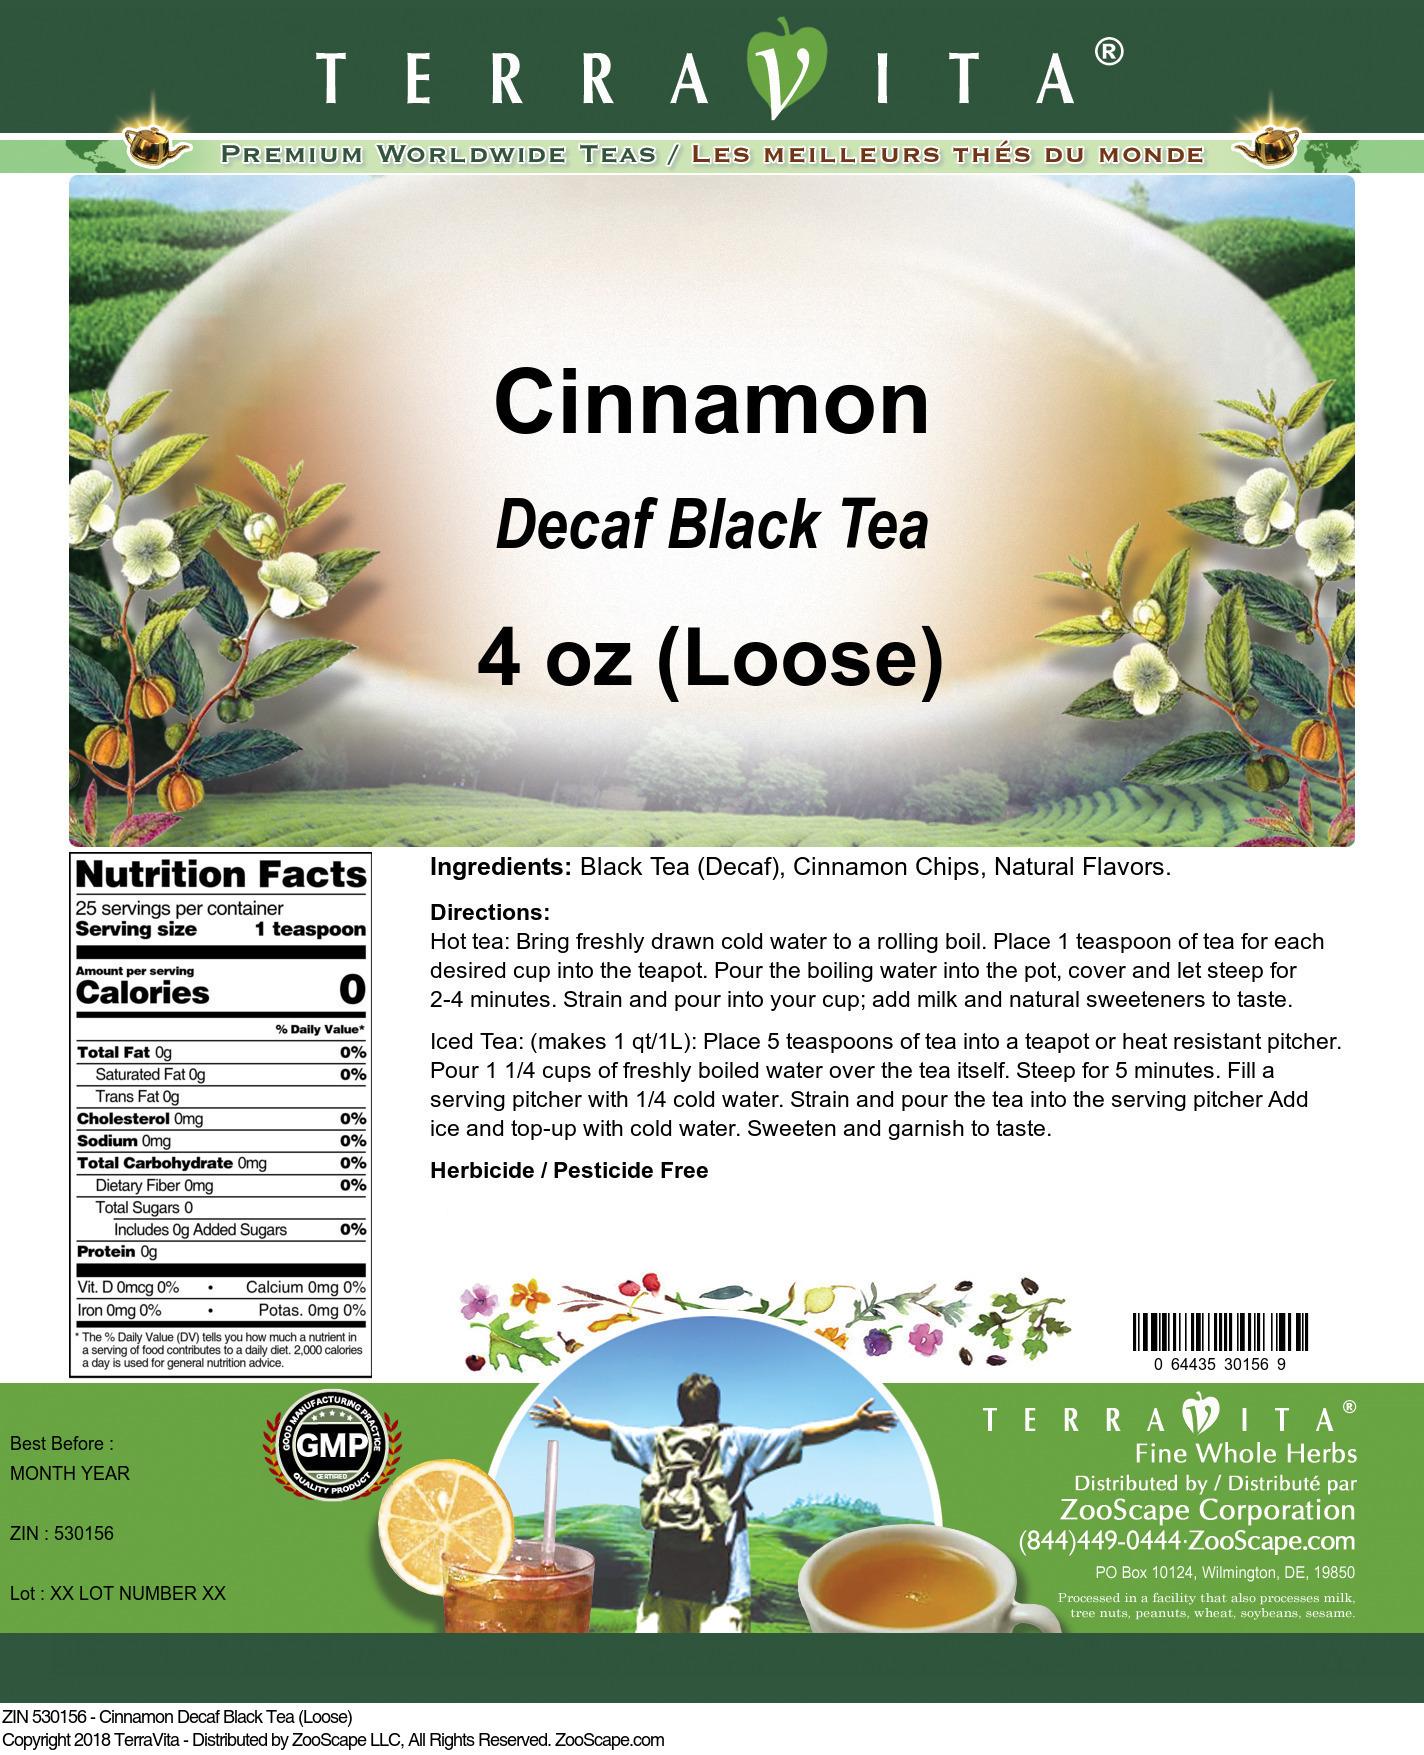 Cinnamon Decaf Black Tea (Loose)